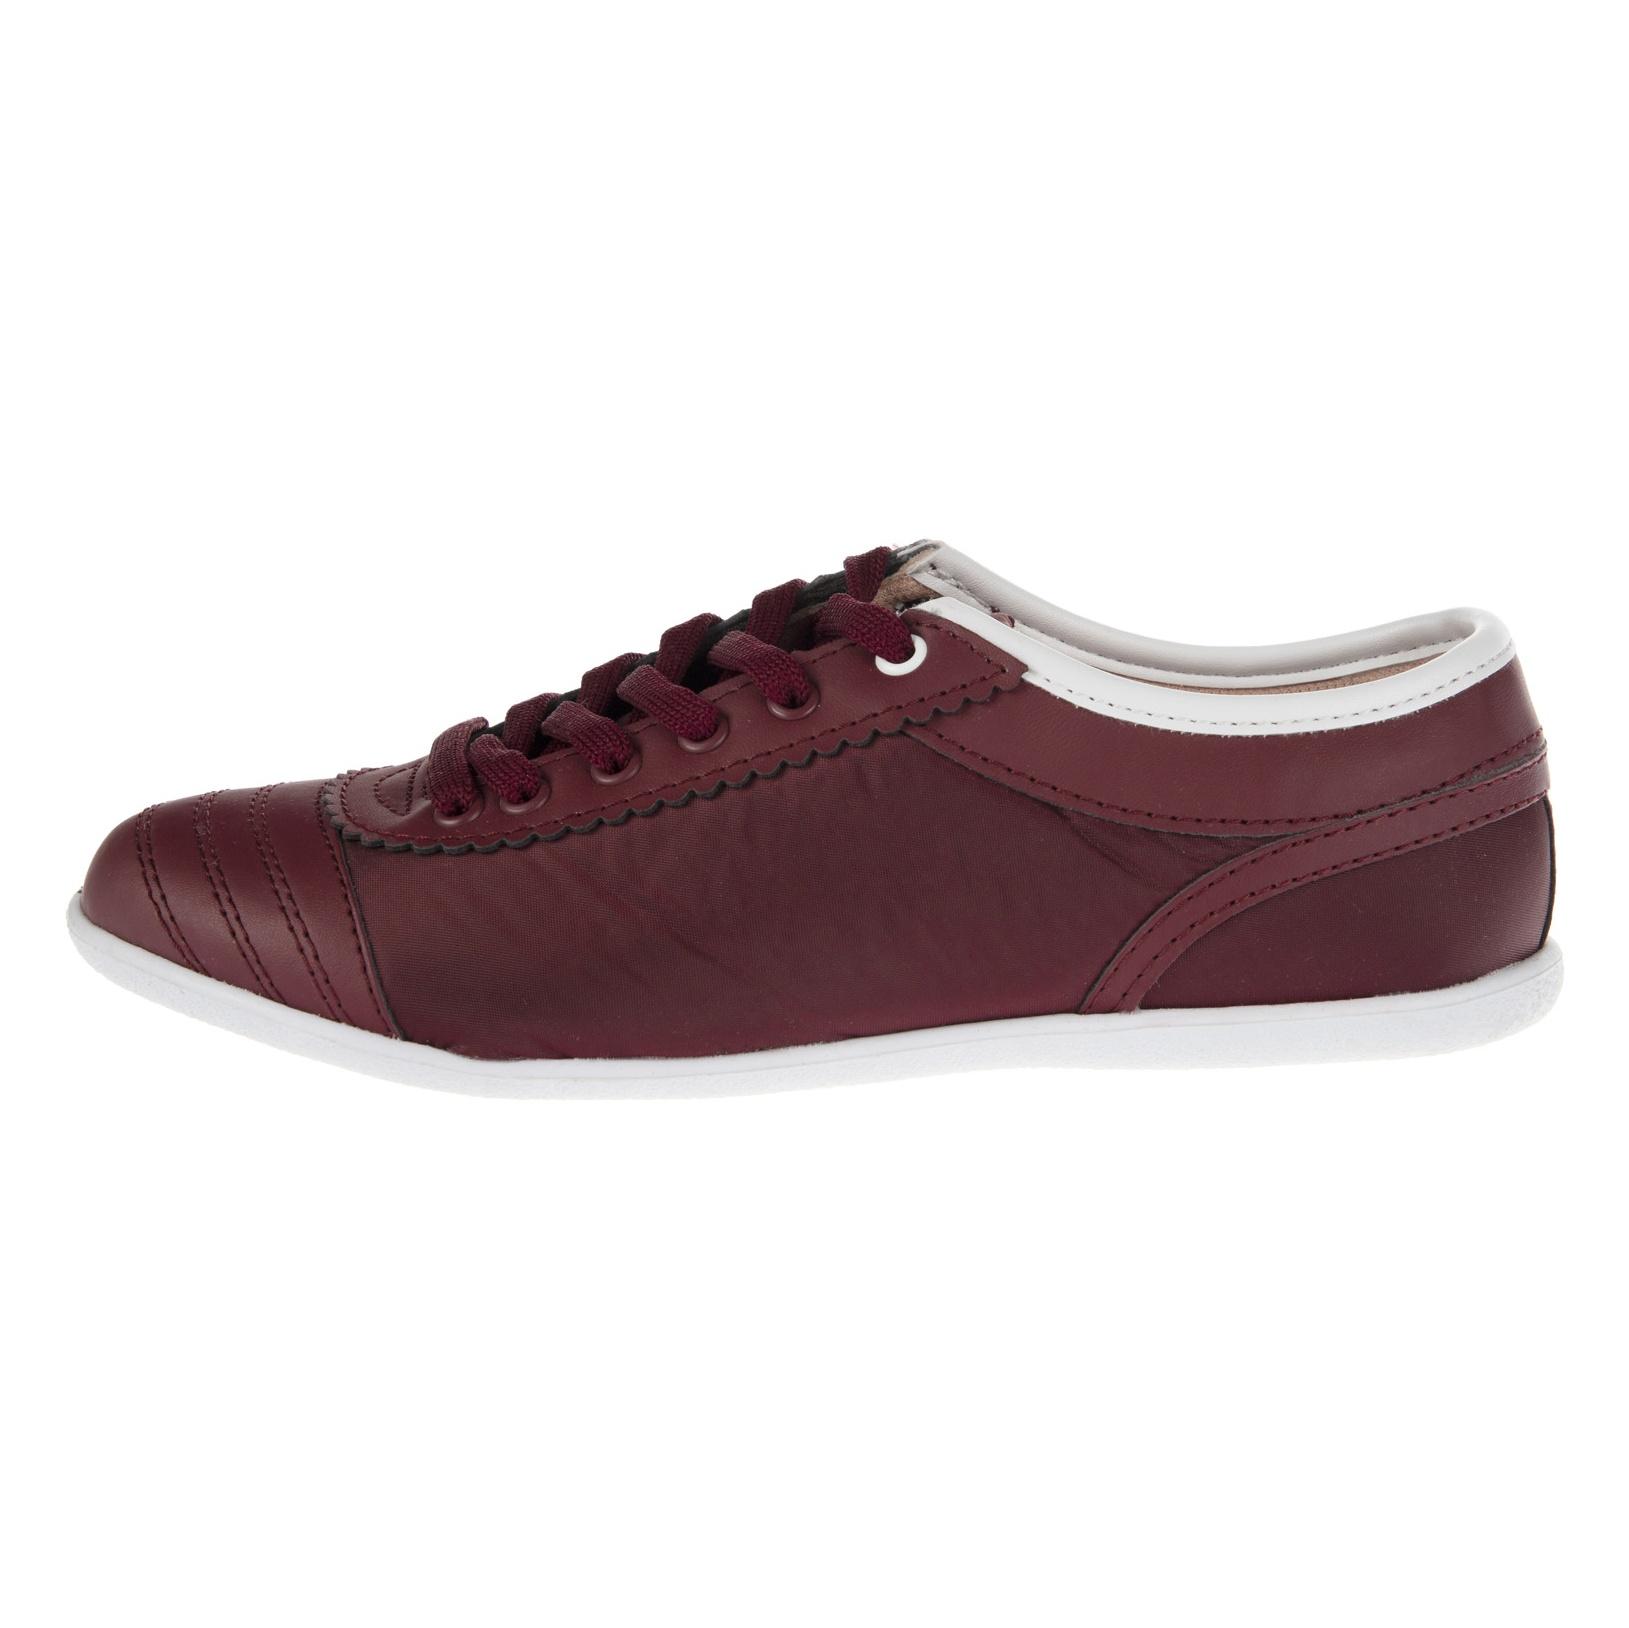 خرید                                      کفش روزمره زنانه آرت بلا مدل 100316398-104